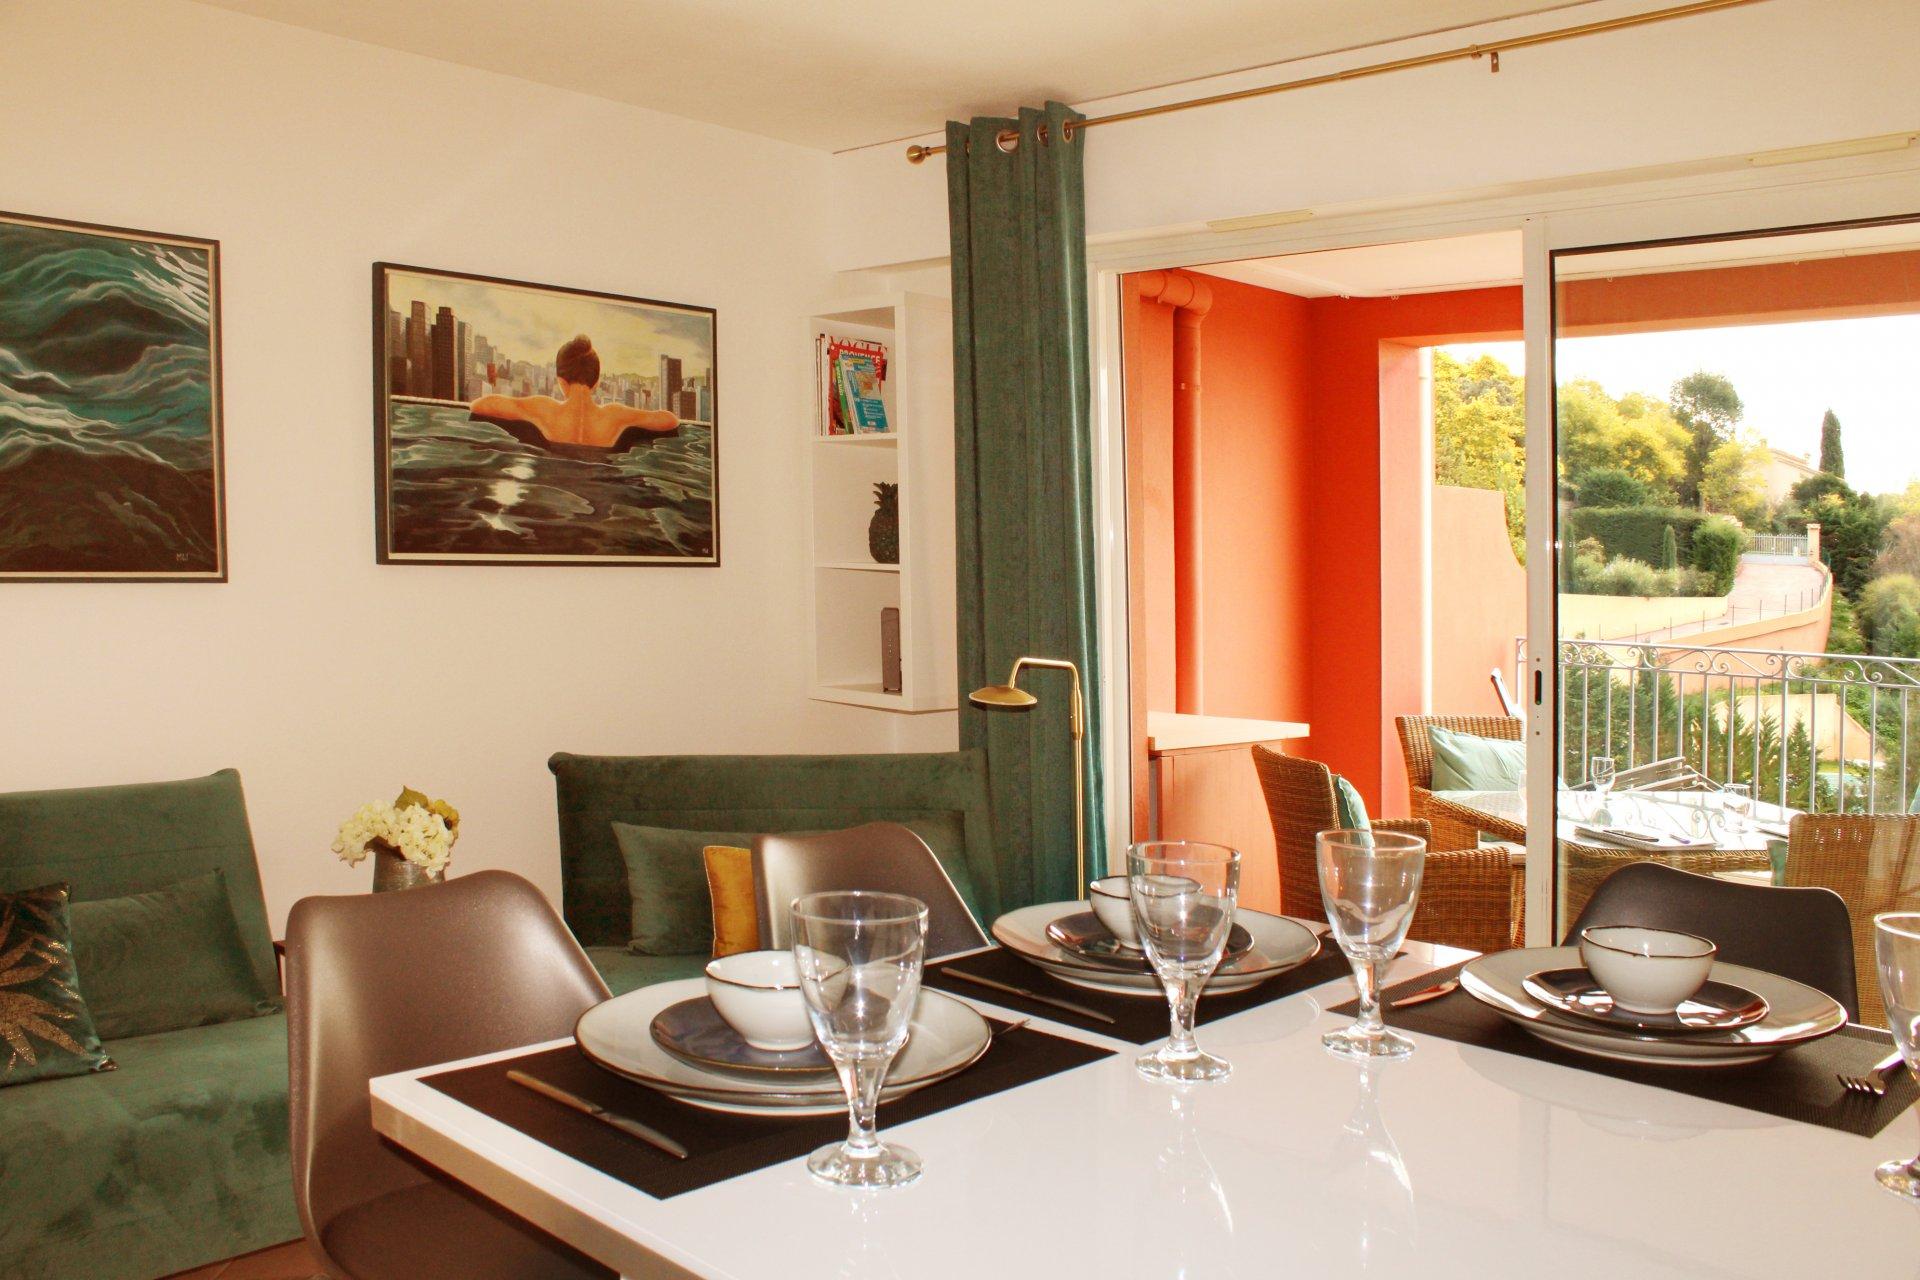 Sehr schöne 2-Zimmer-Wohnung, Meerblick, Wifi  - RO 6 -